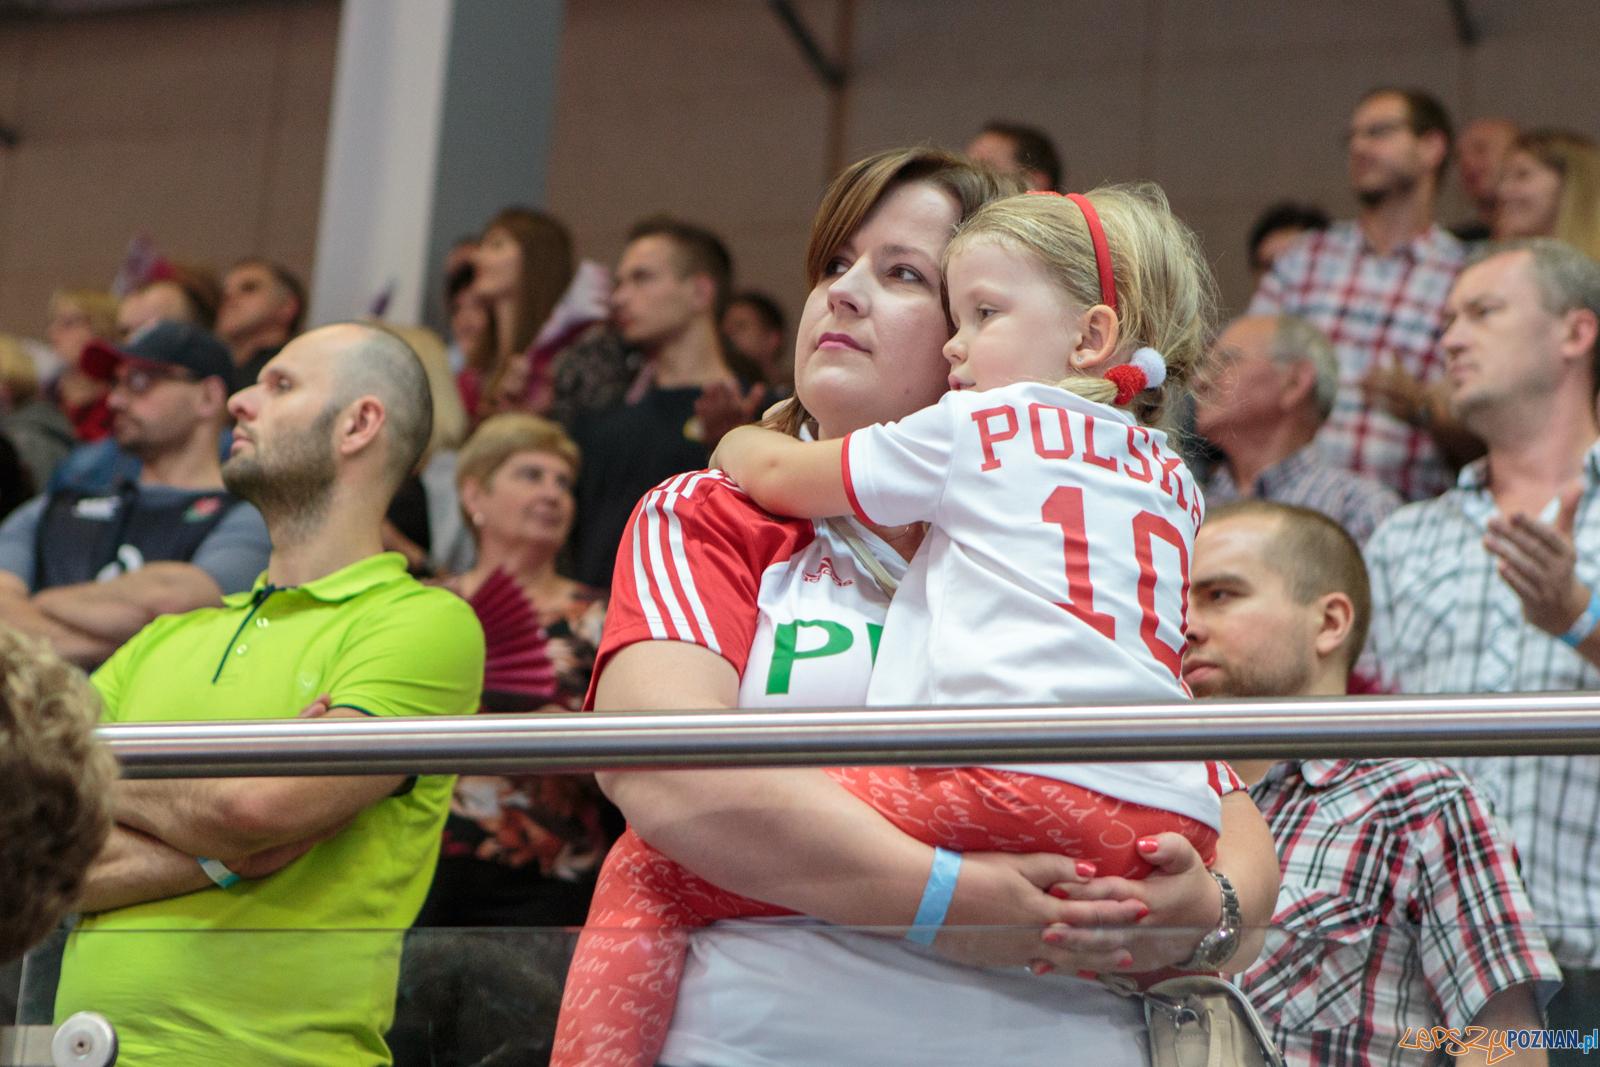 XIII Memoriał Arkadiusza Gołasia: ONICO Warszawa - GKS Katowic  Foto: LepszyPOZNAN.pl / Paweł Rychter